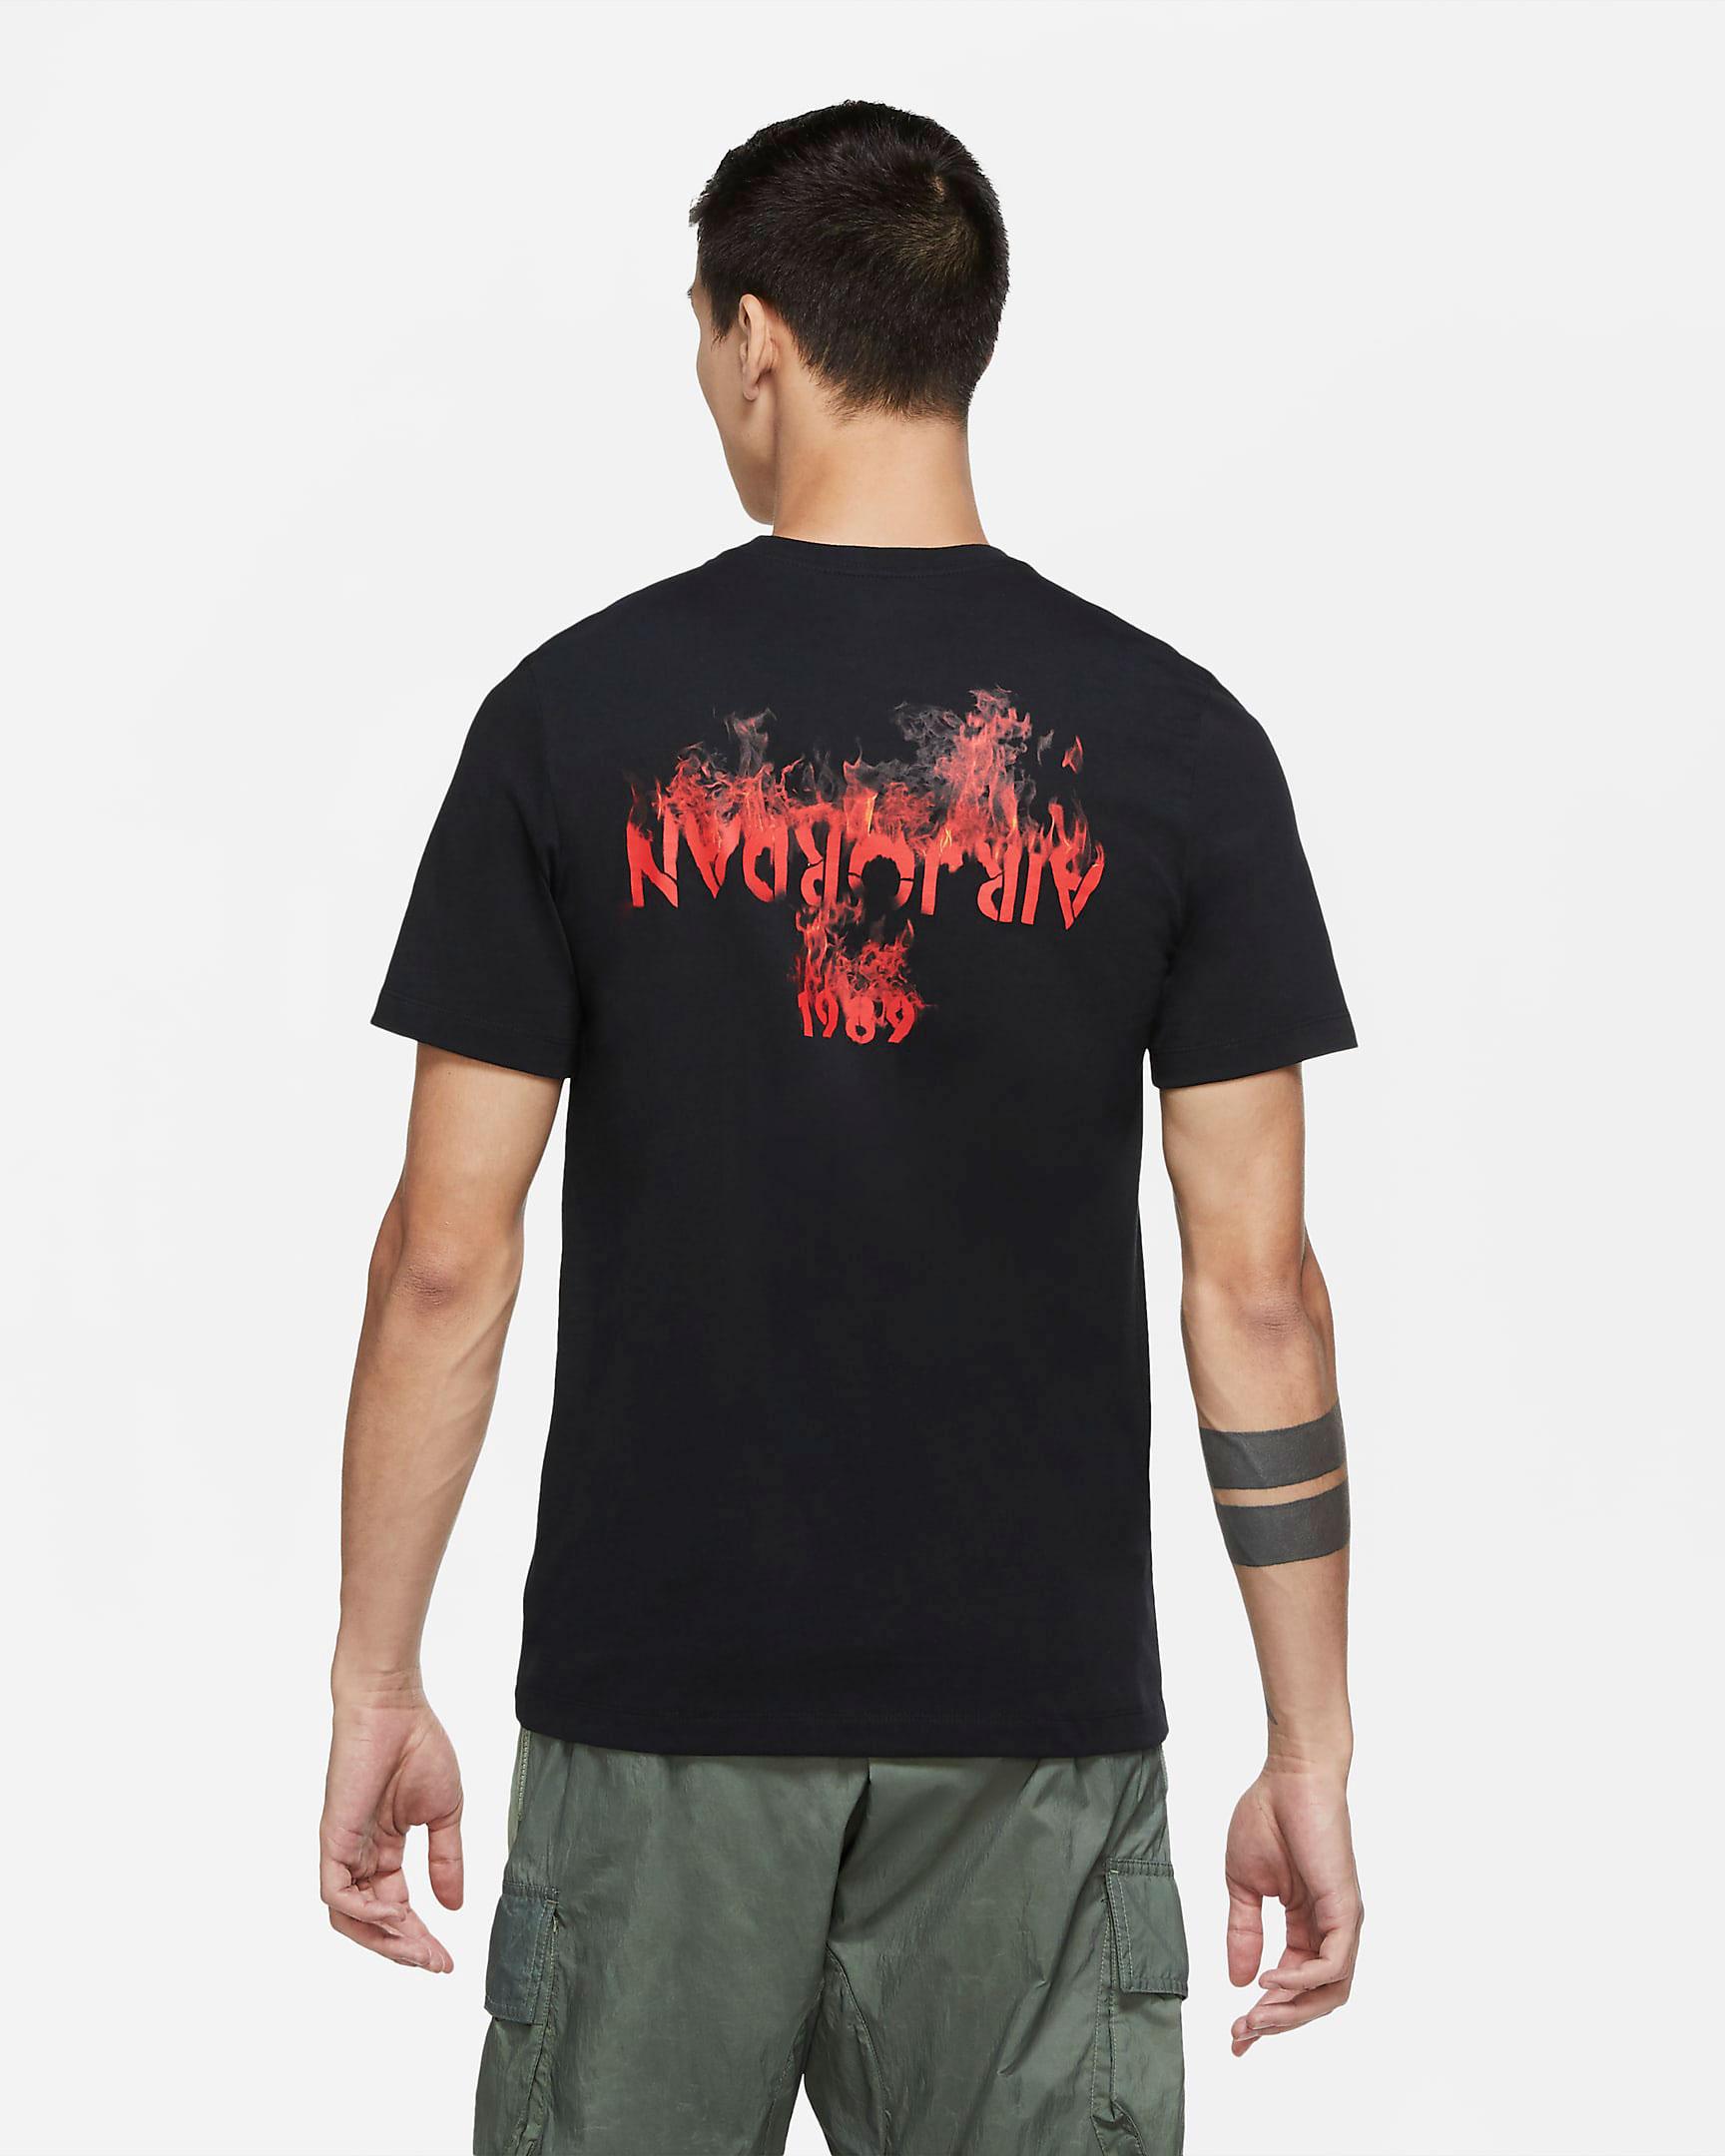 air-jordan-4-fire-red-sneaker-shirt-2